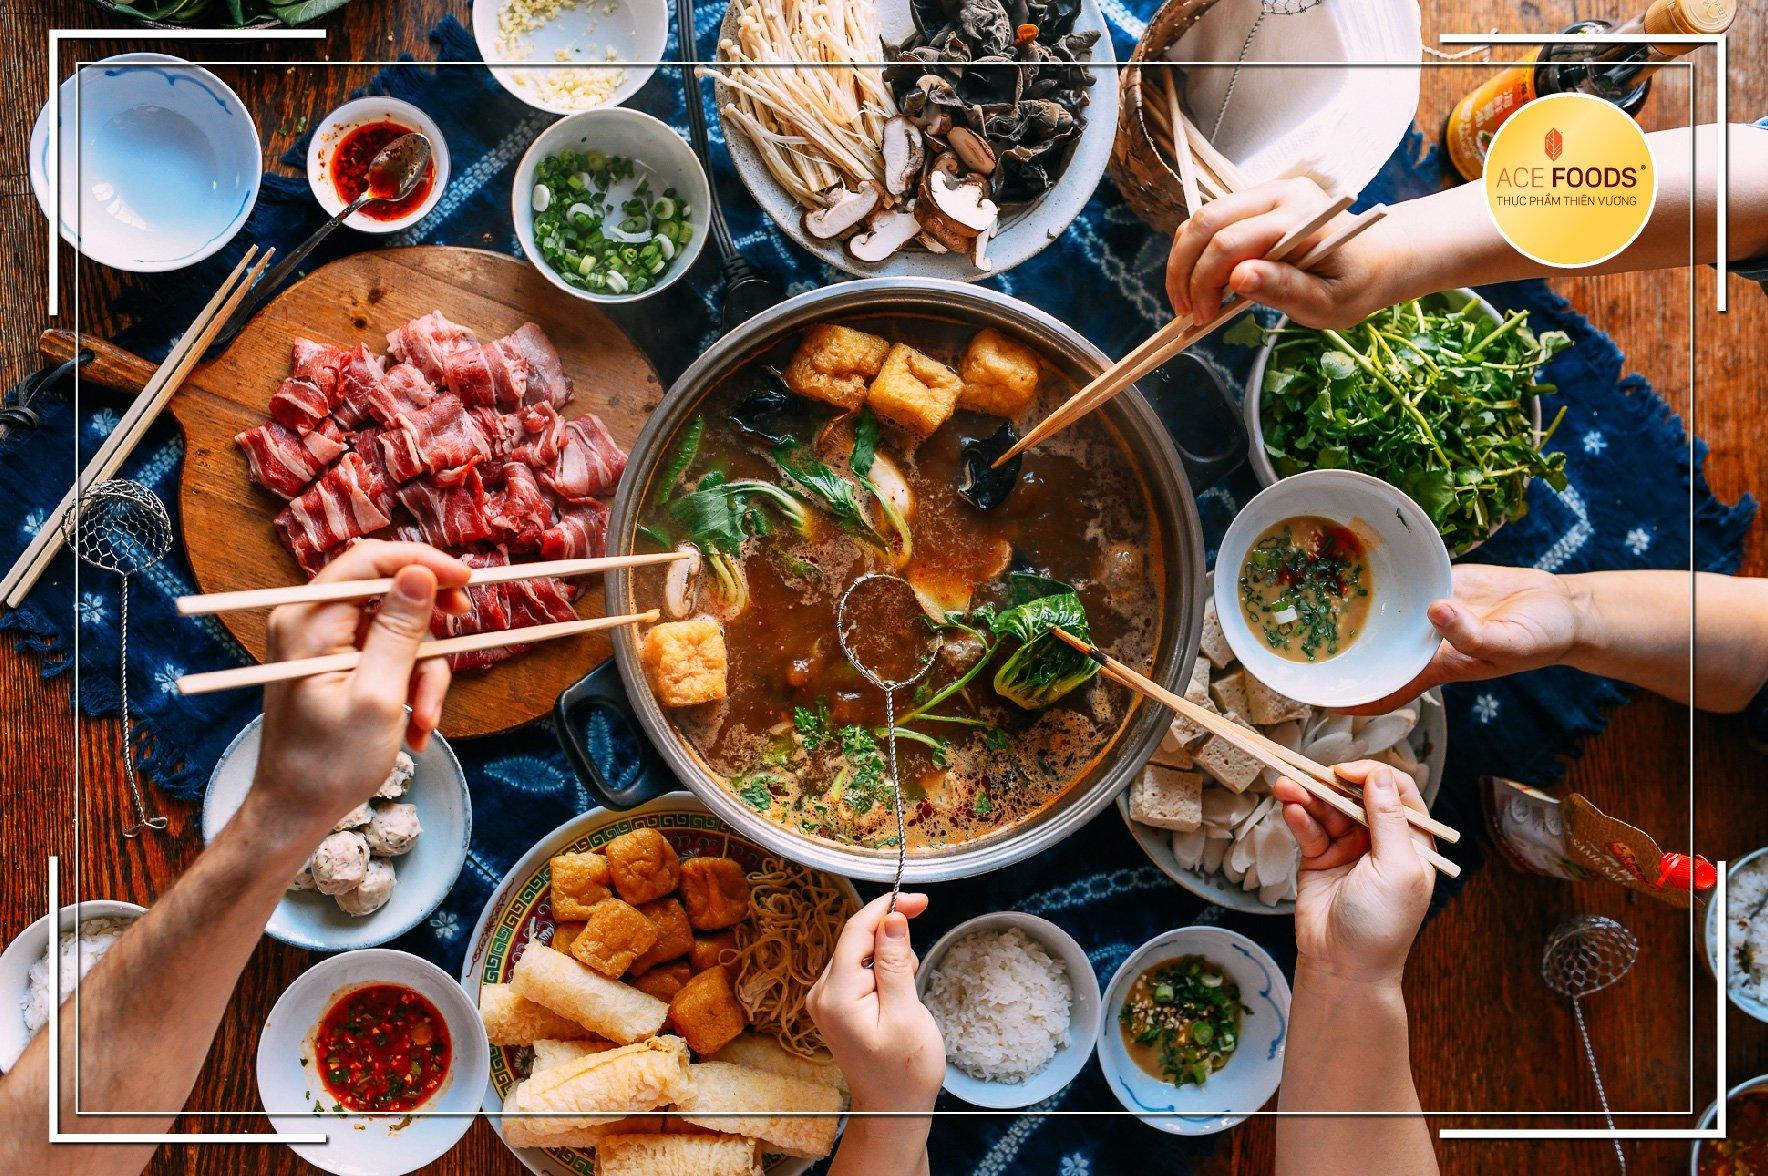 Lẩu riêu cua sườn sụn là món ăn quen thuộc được nhiều người yêu thích